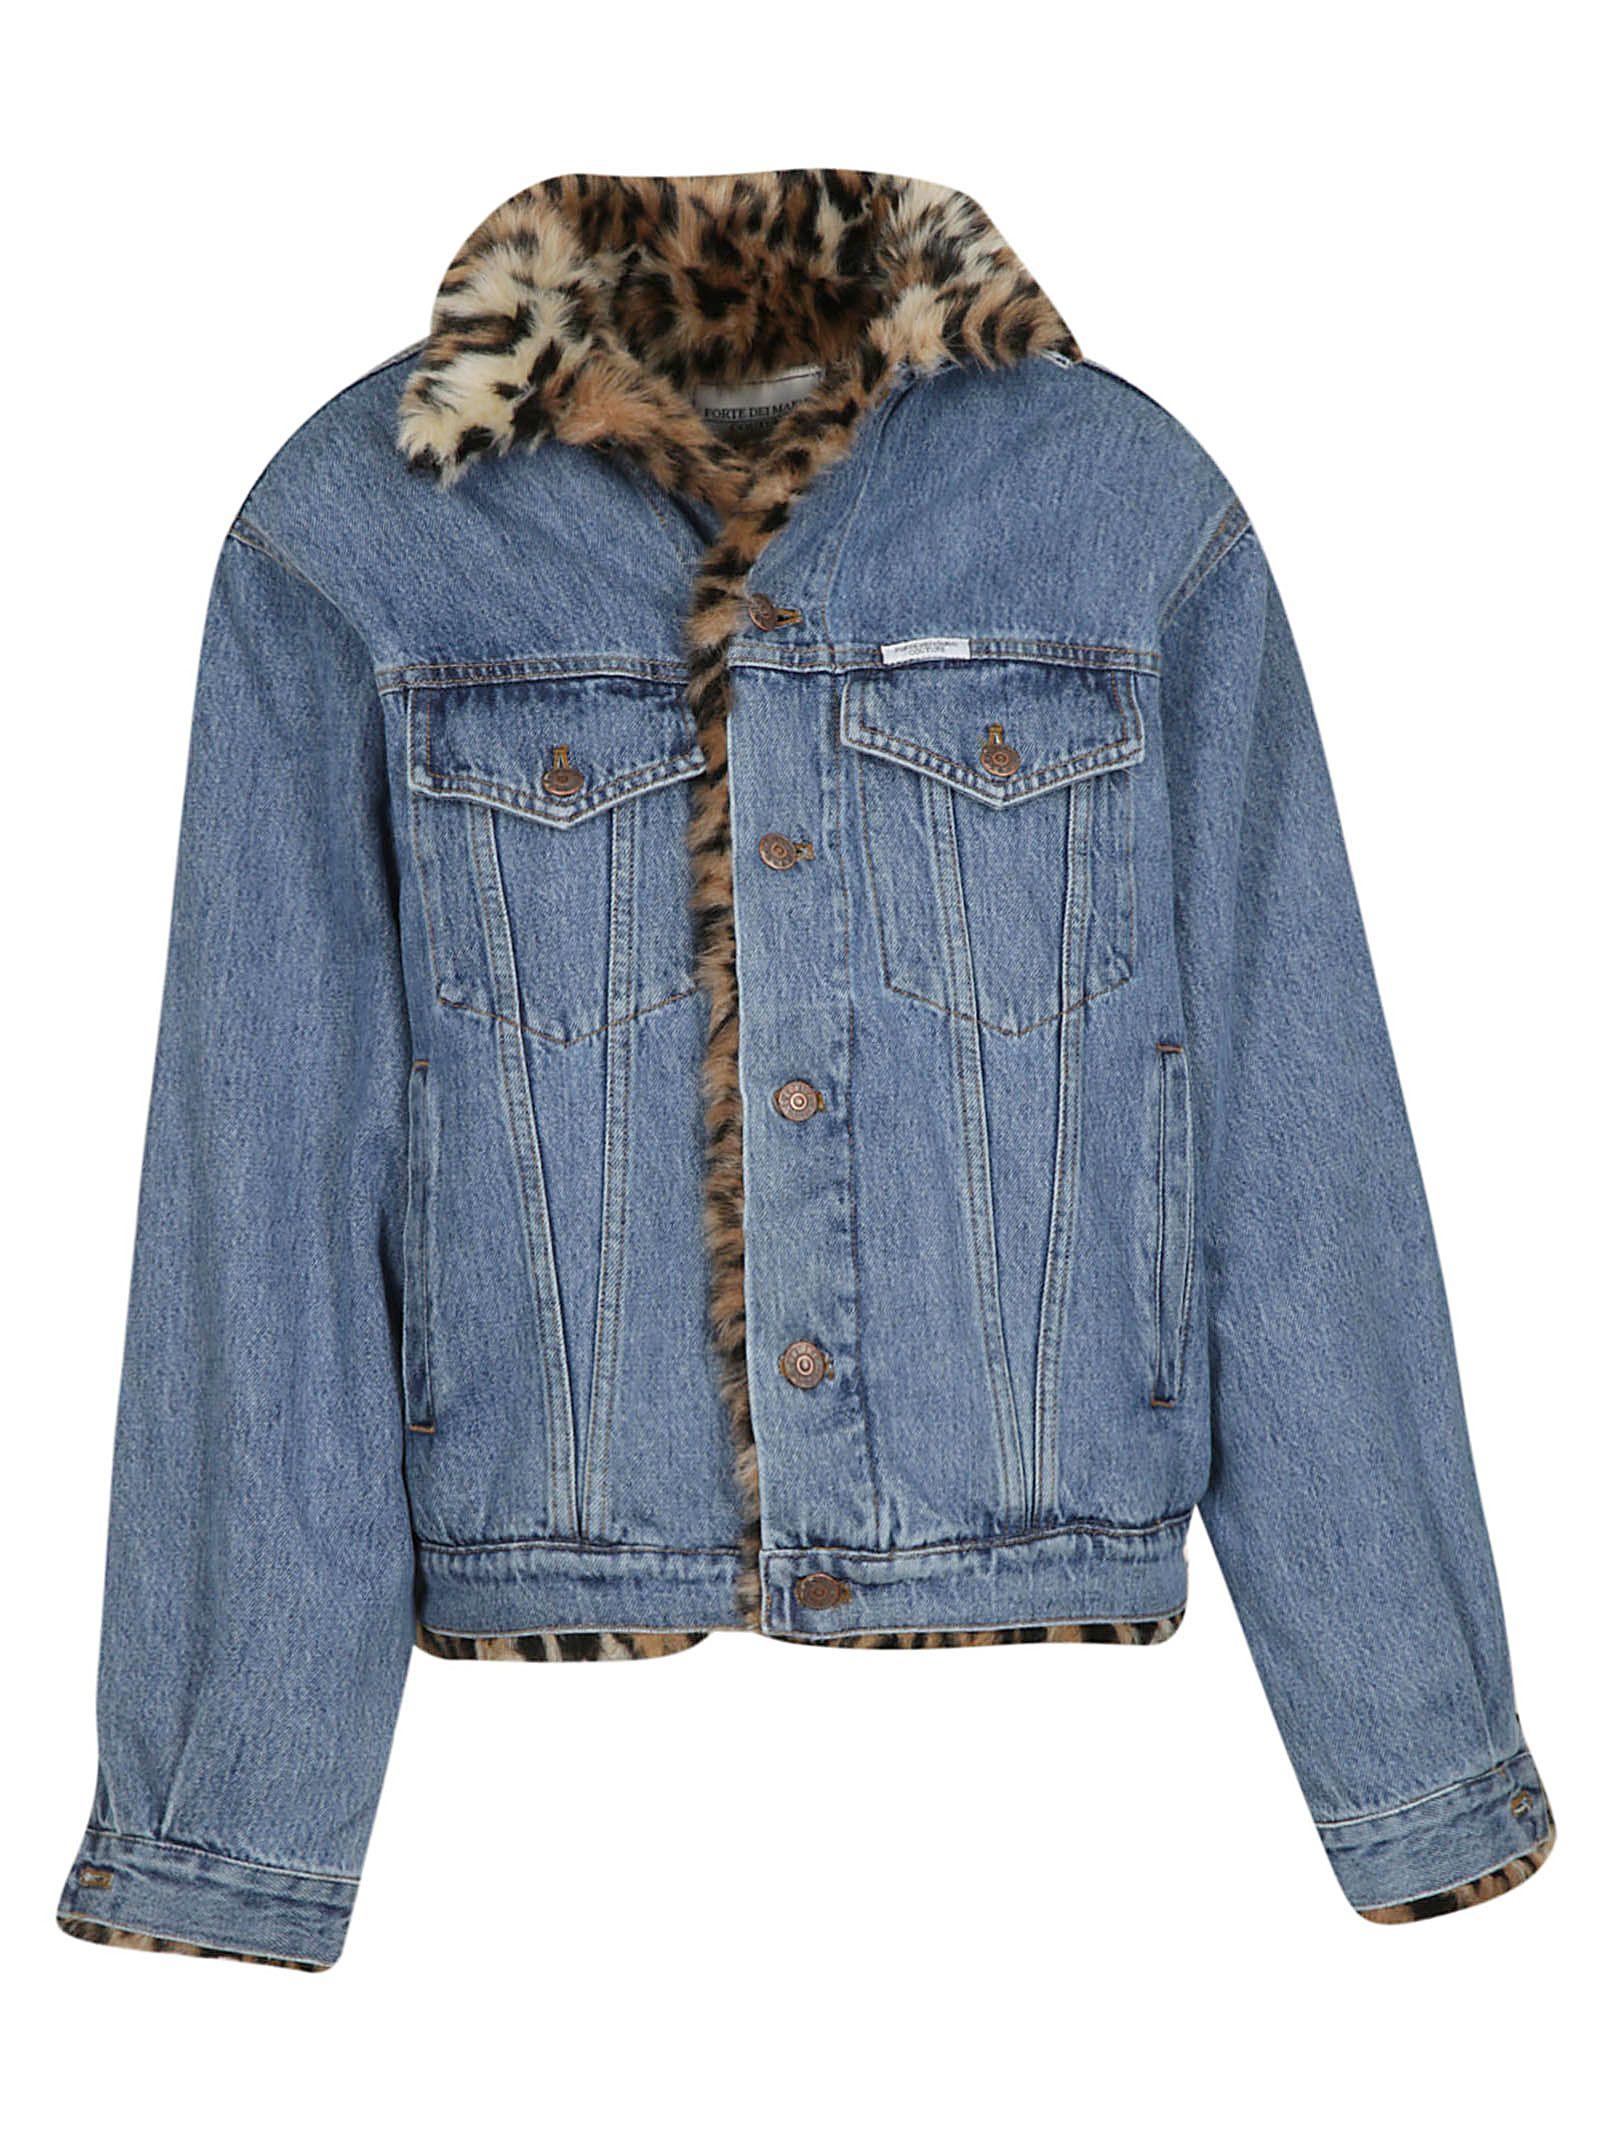 FORTE COUTURE Forte Dei Marmi Couture Denim Jacket in Denim/Maculato